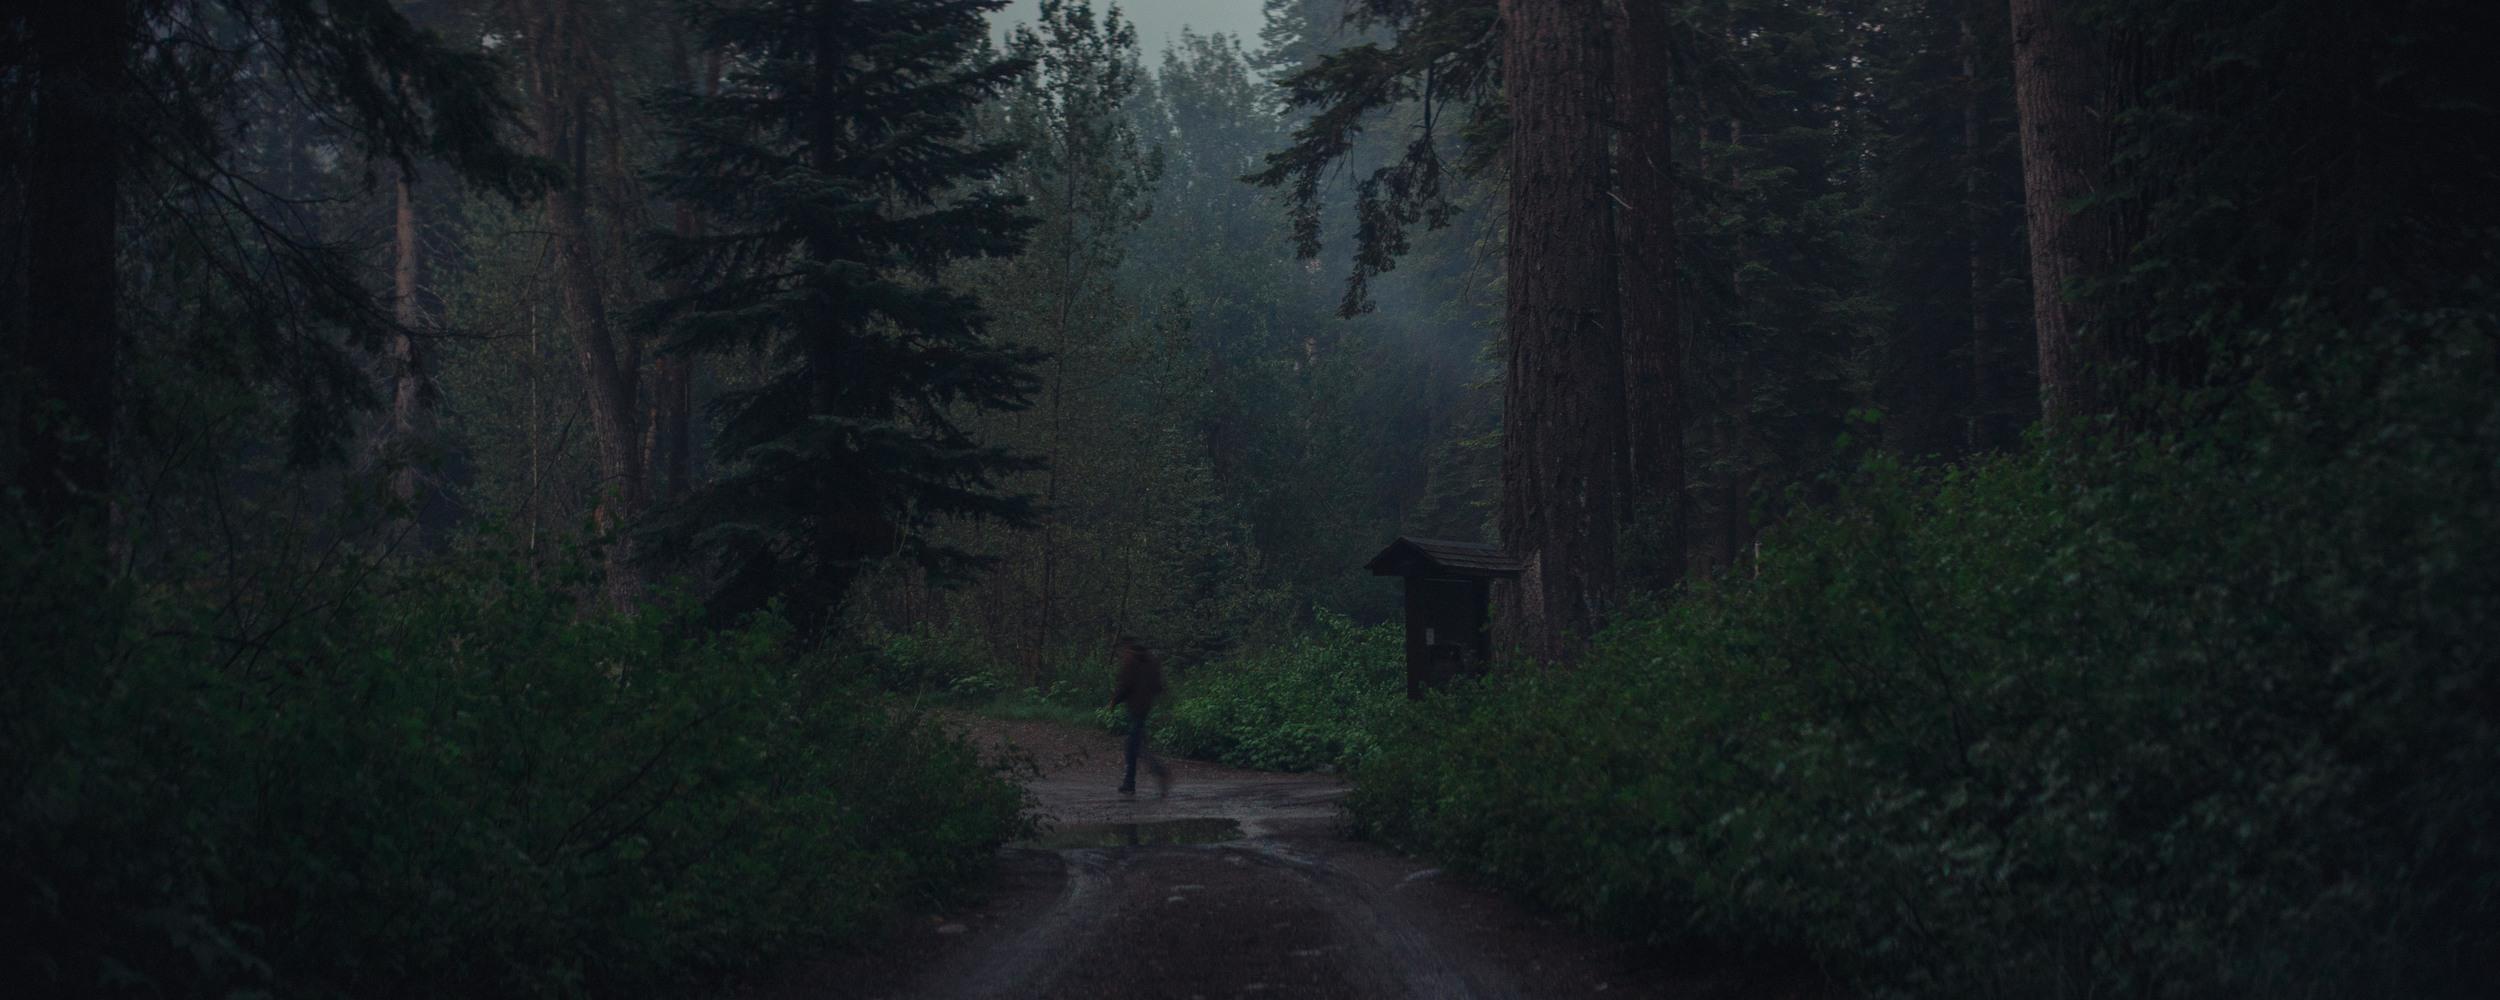 cali camping-12.jpg